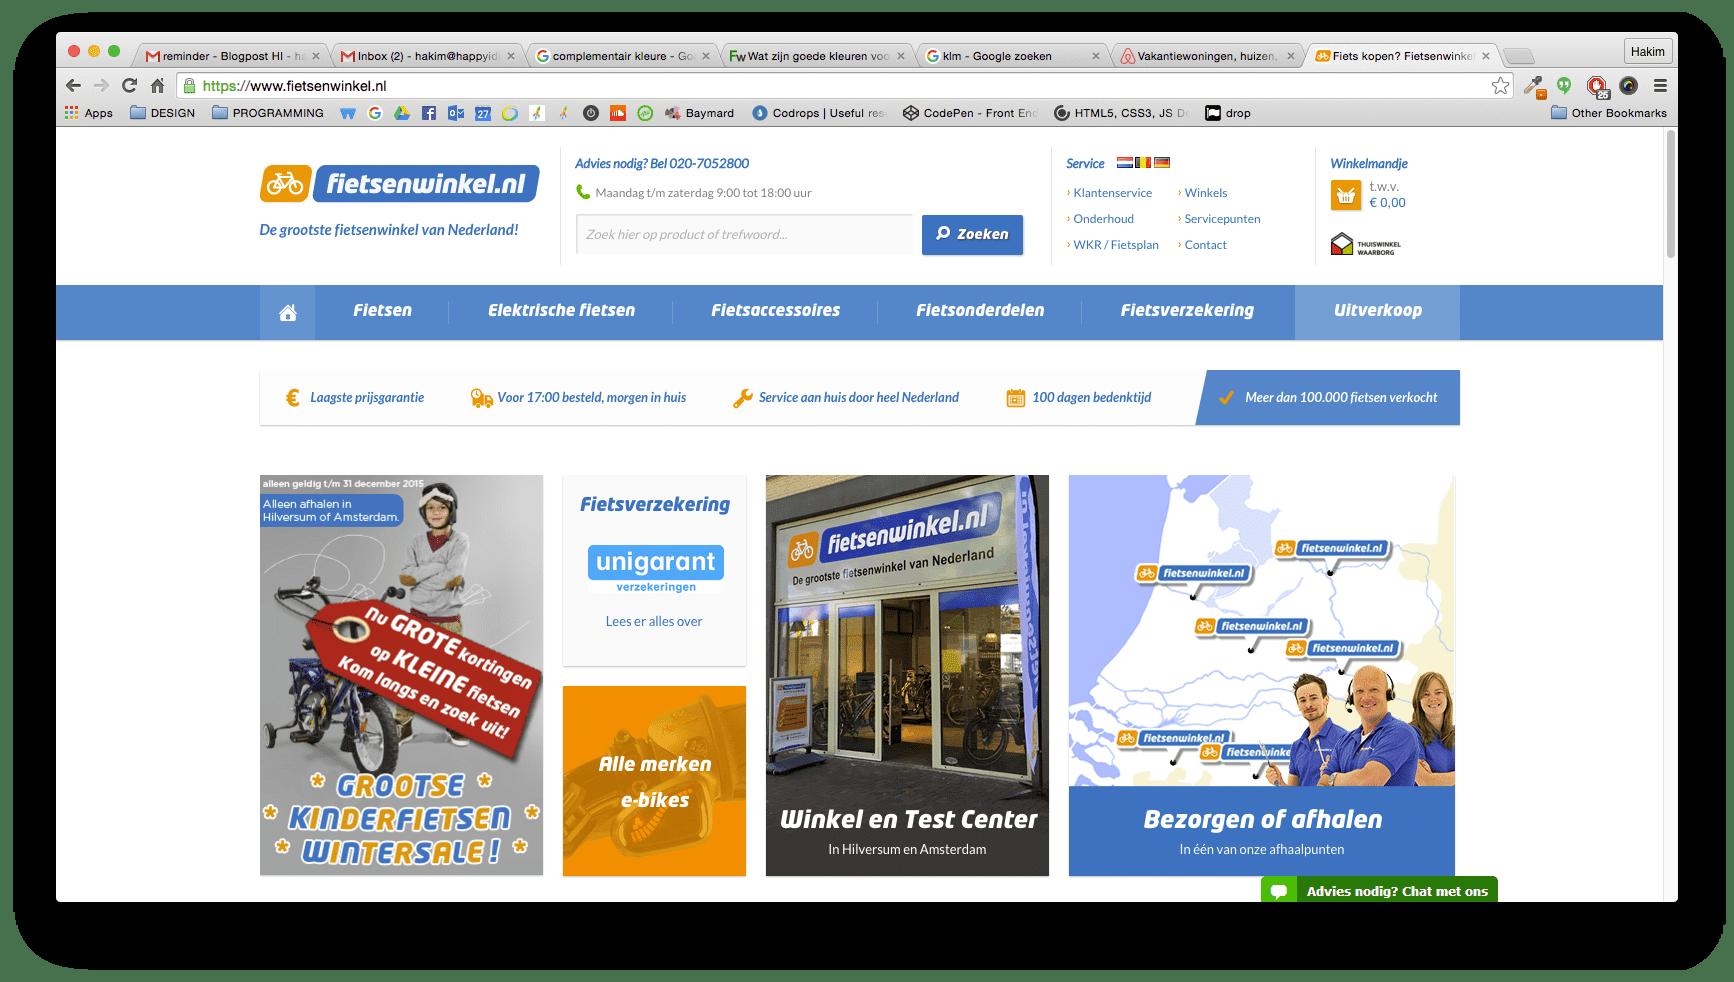 """8aee6d00e8c Daarnaast heeft Fietsenwinkel ervoor gekozen om de """"call to action"""" buttons  op haar website in de kleur oranje weer te geven. Waarom?"""